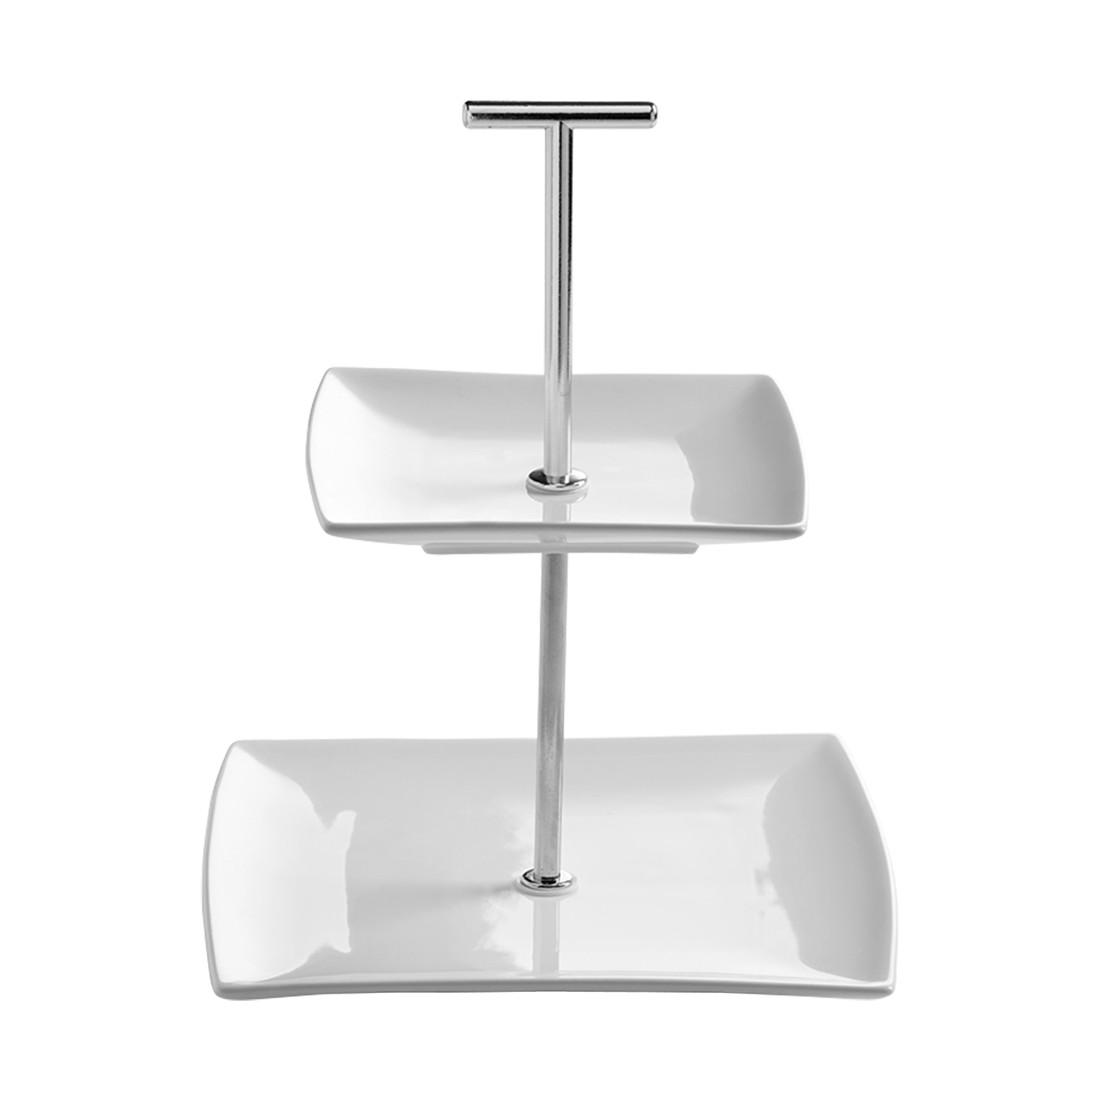 Etagere East meets West – Porzellan Weiß – 17 cm 2 22,5 cm 30 cm, Maxwell und Williams bestellen